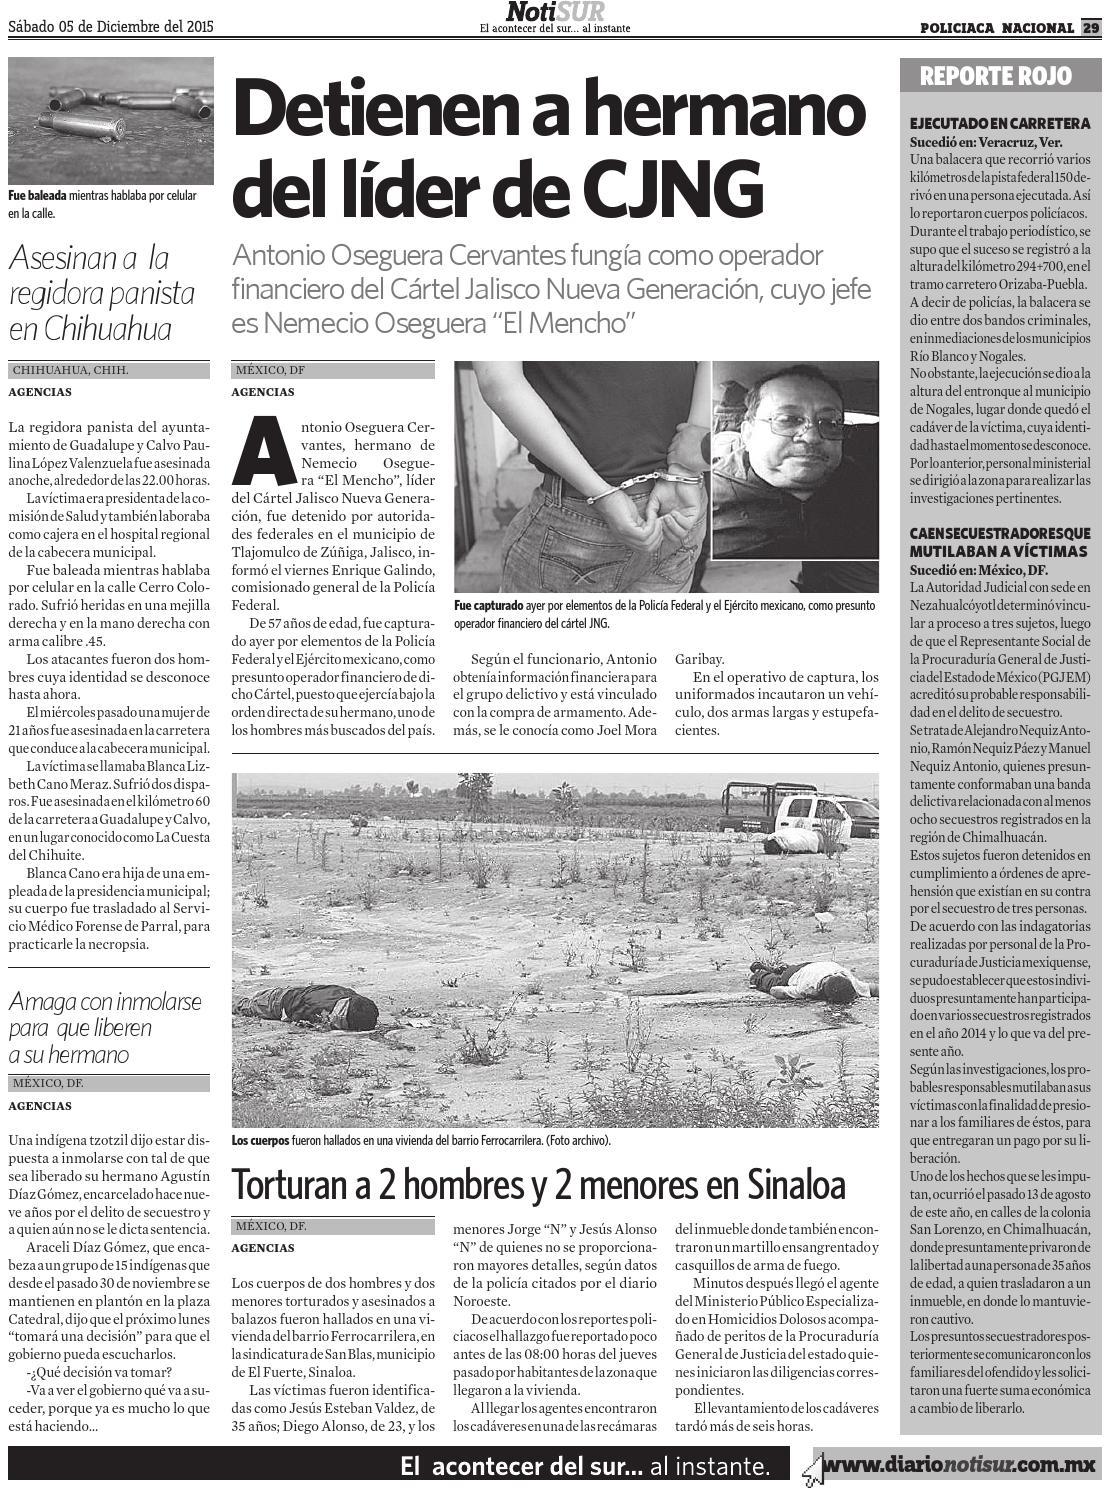 NotiSUR 05 de Diciembre 2015 by Diario NotiSUR Coatzacoalcos